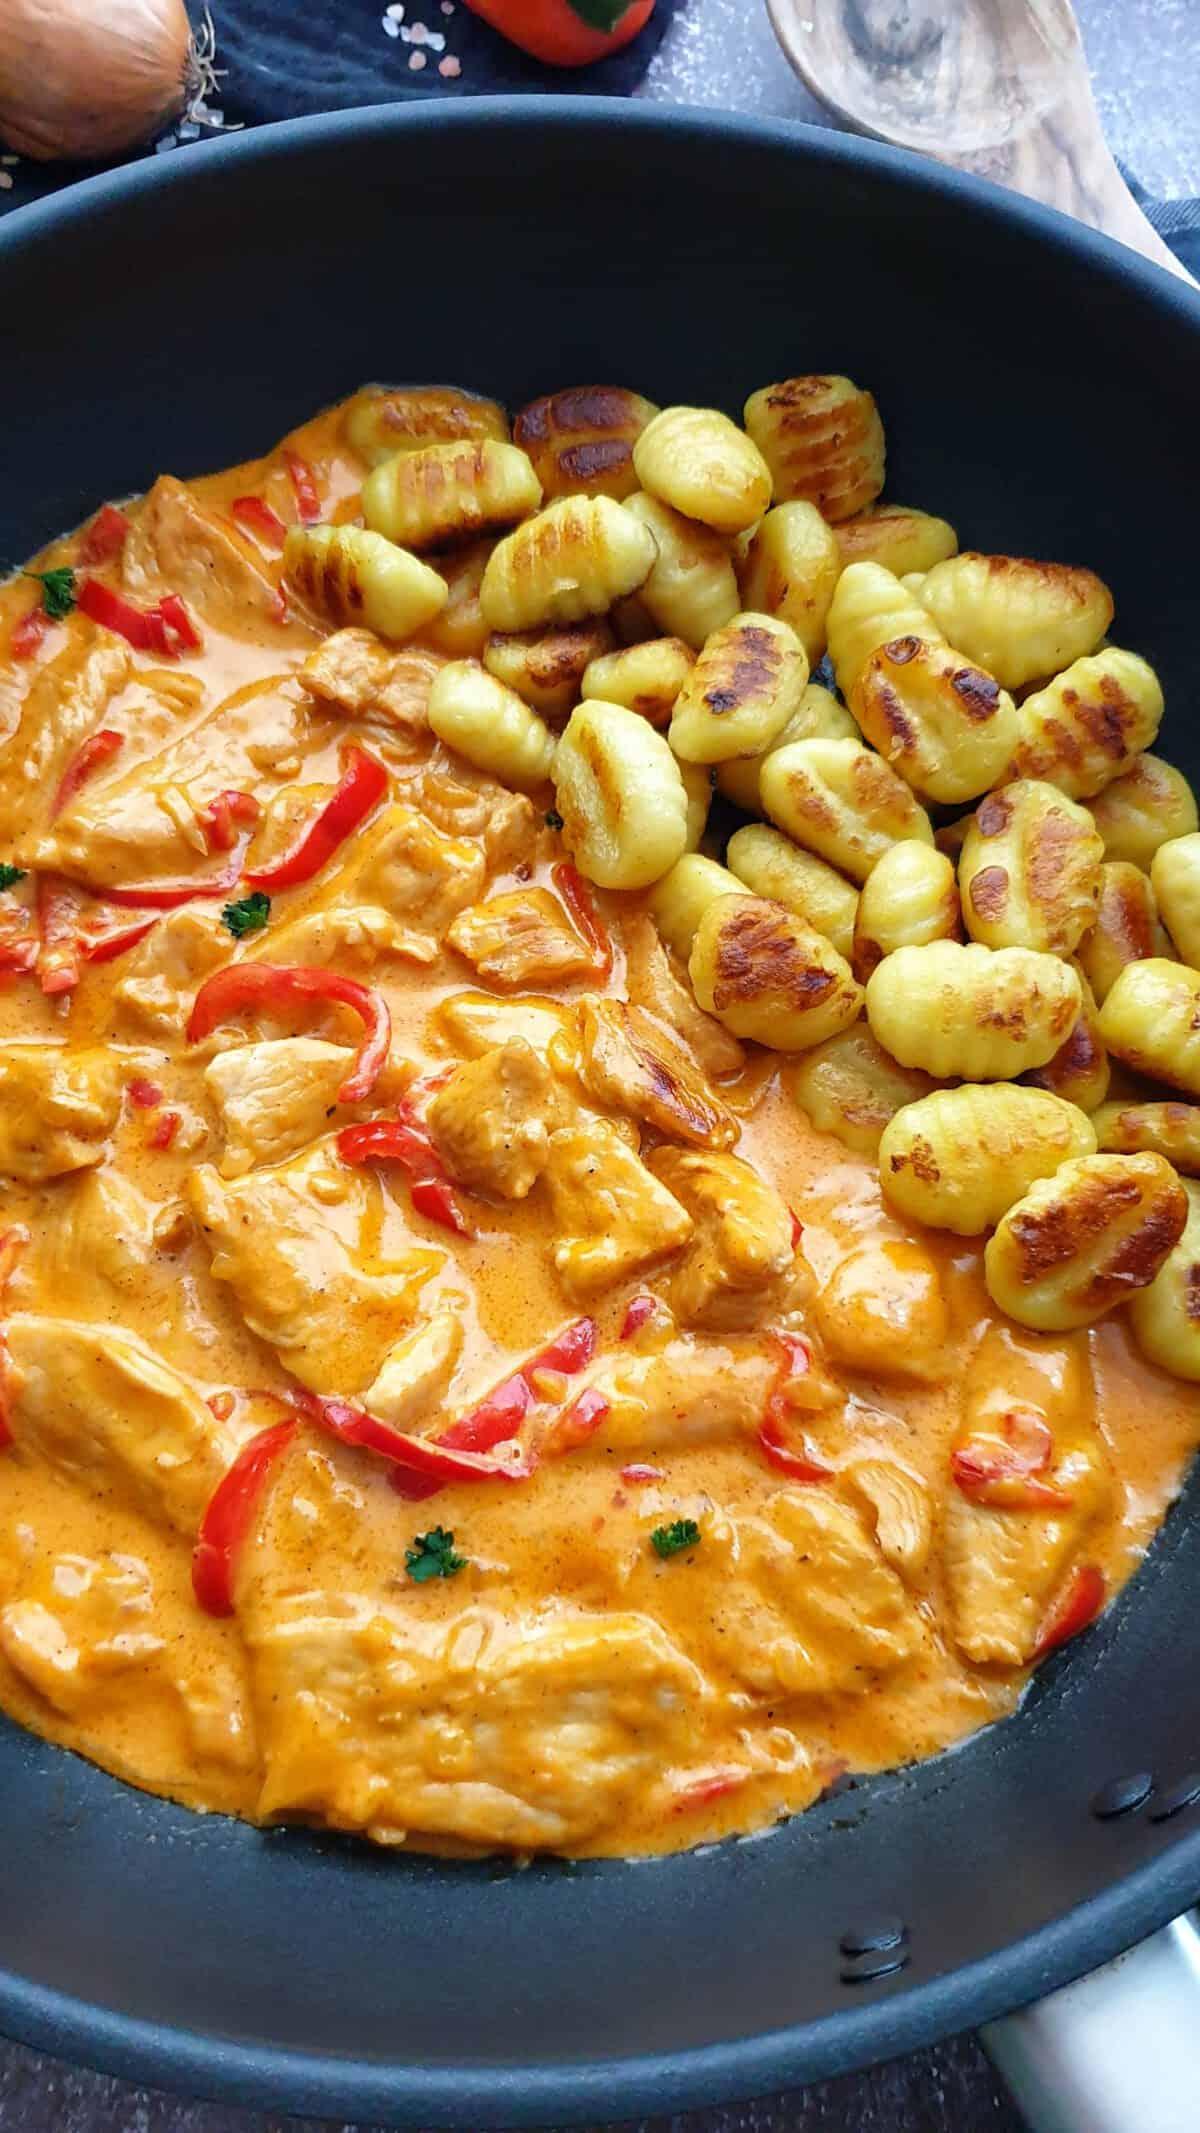 Gnocchi neben Paprika-Rahm-Geschnetzeltes in einer Pfanne angerichtet,